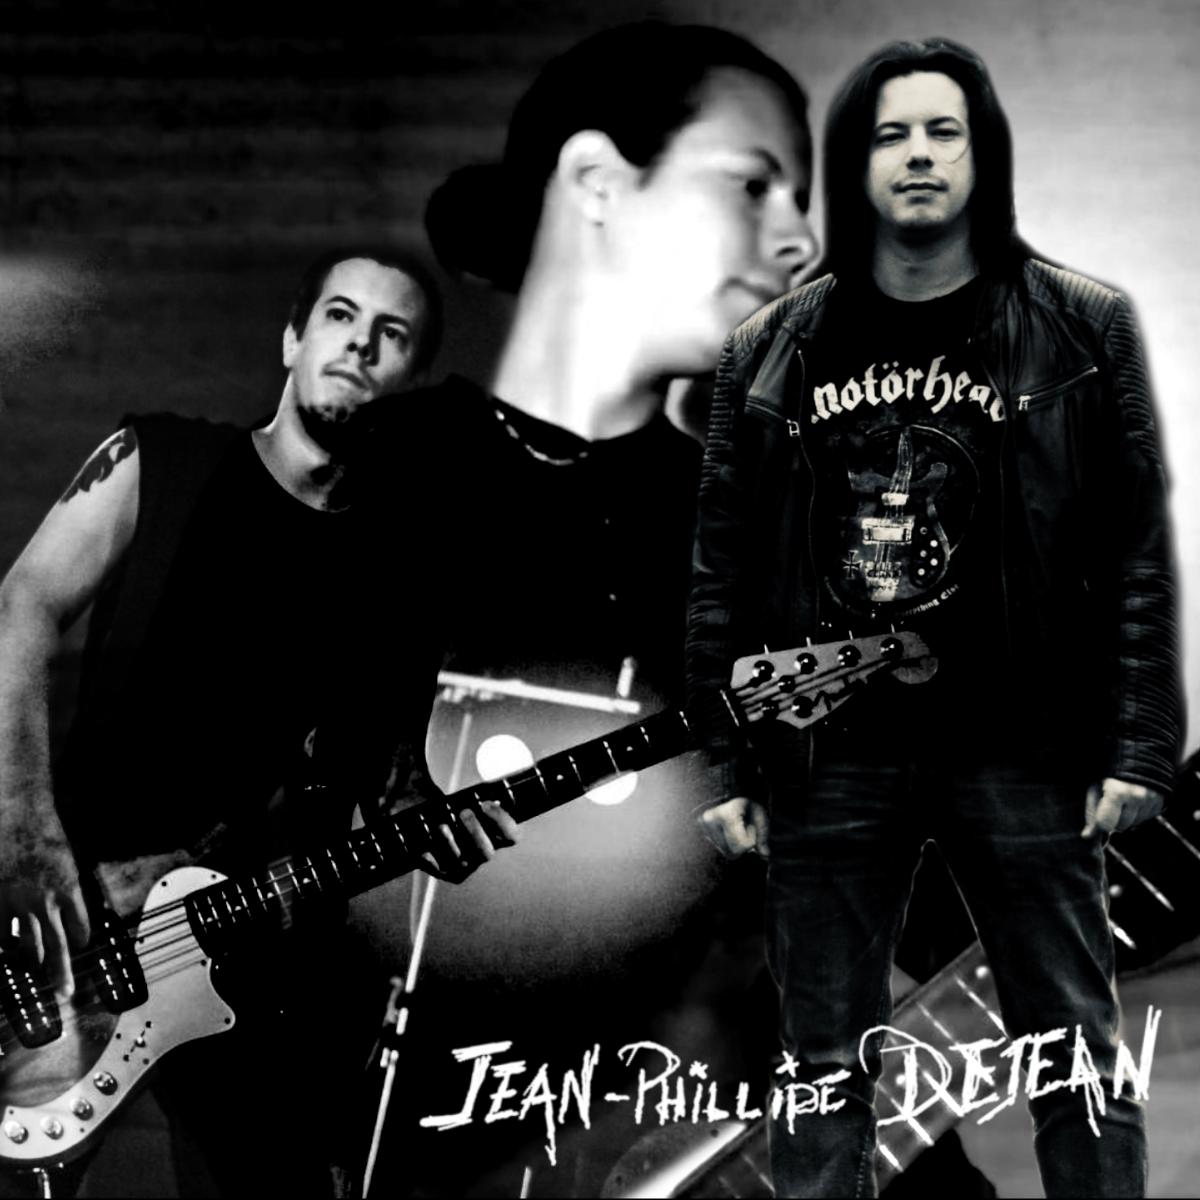 Jean-Philippe Dejean - Bass